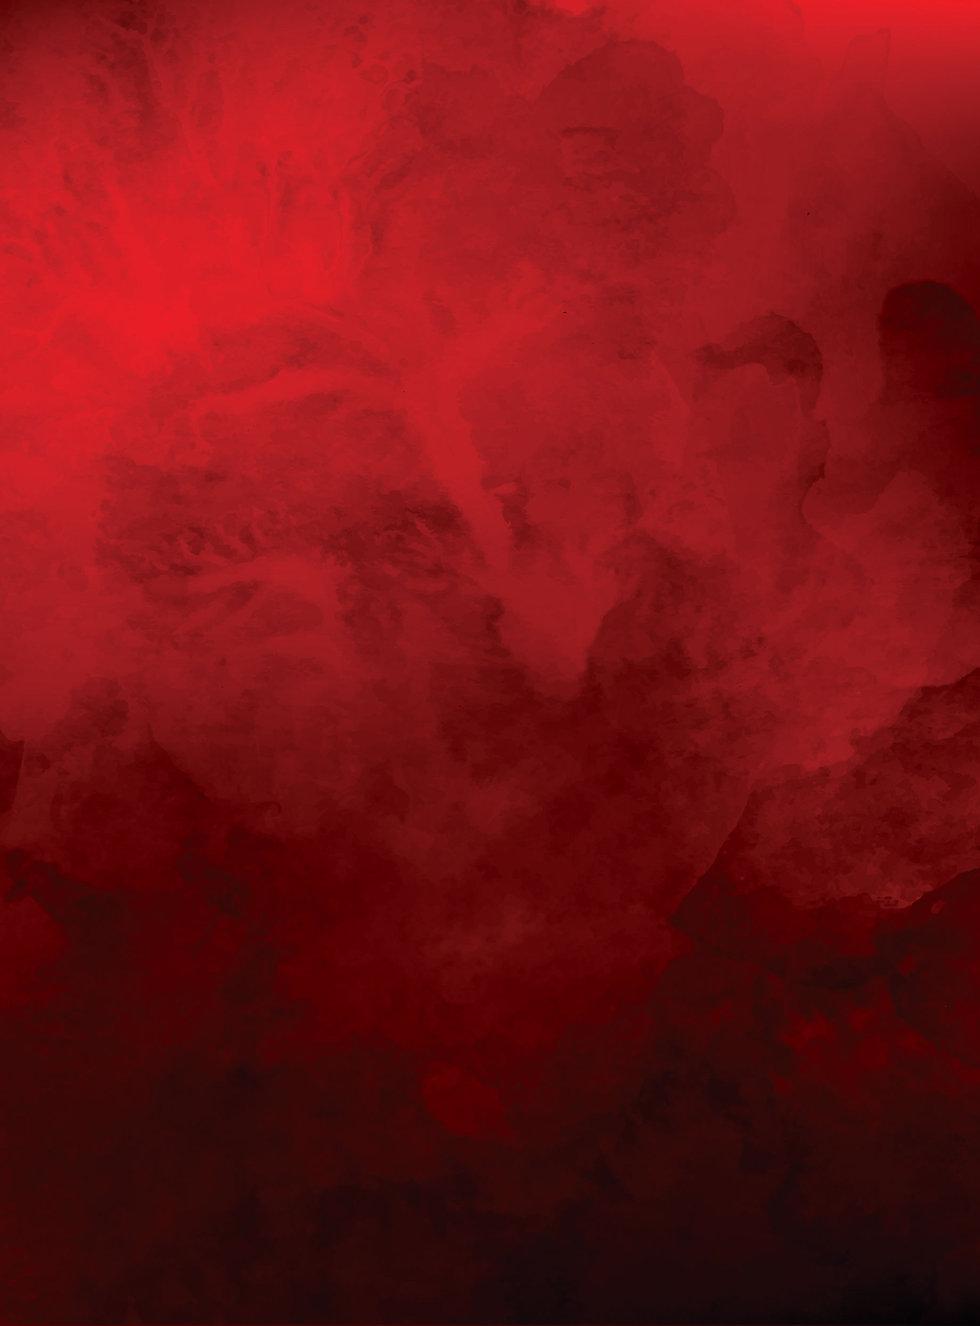 red-background-OP.jpg